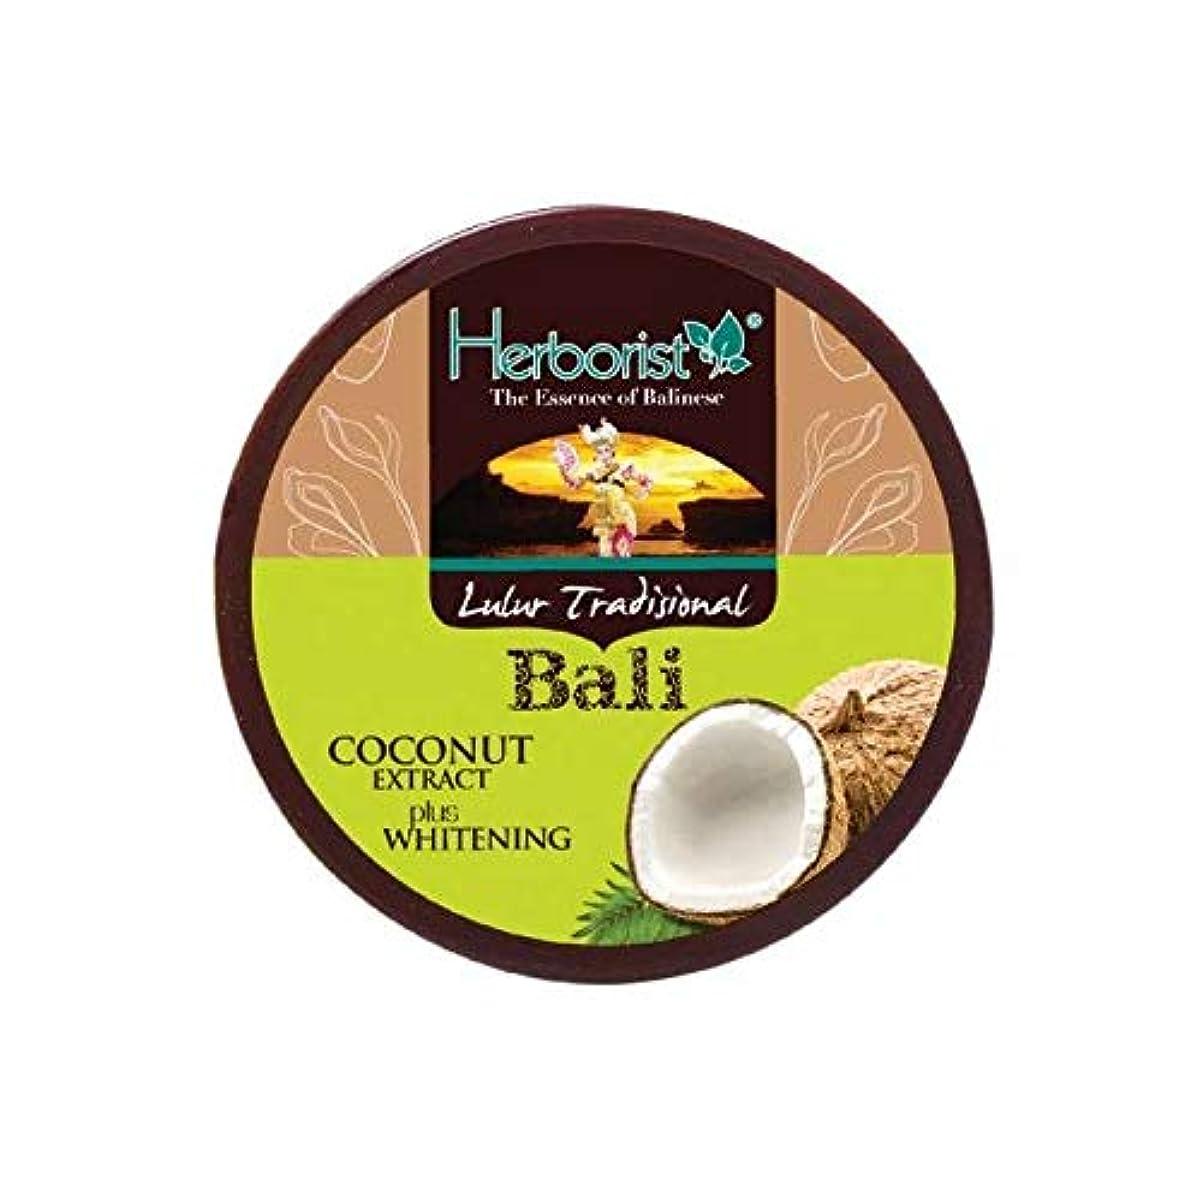 放出無駄なマダムHerborist ハーボリスト インドネシアバリ島の伝統的なボディスクラブ Lulur Tradisional Bali ルルールトラディショナルバリ 100g Coconut ココナッツ [海外直送品]